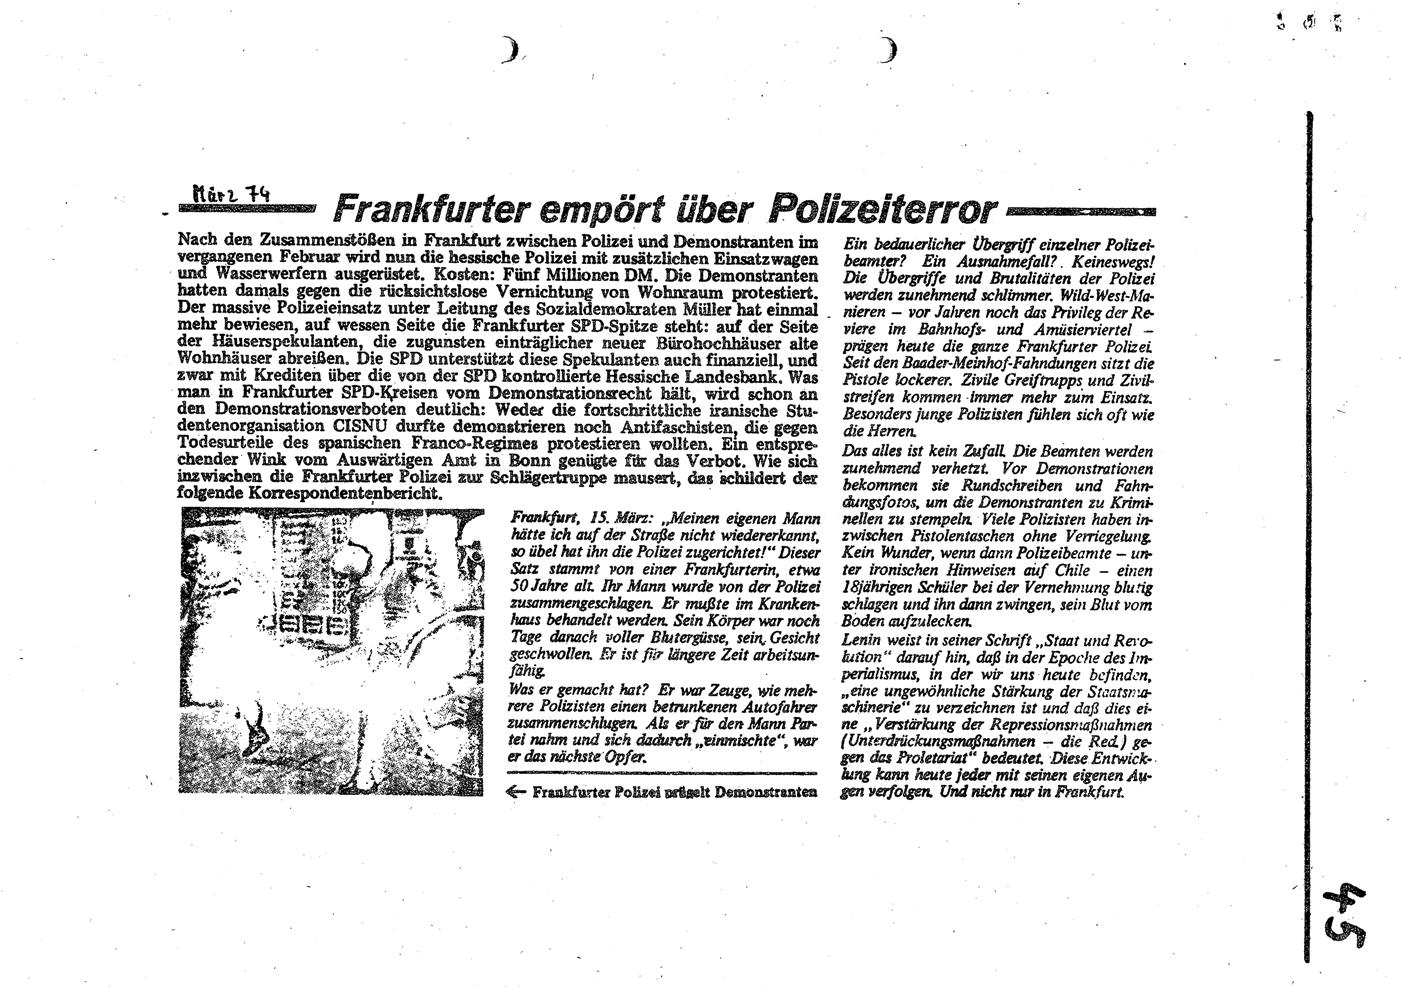 KABRW_Arbeitshefte_1977_25_044